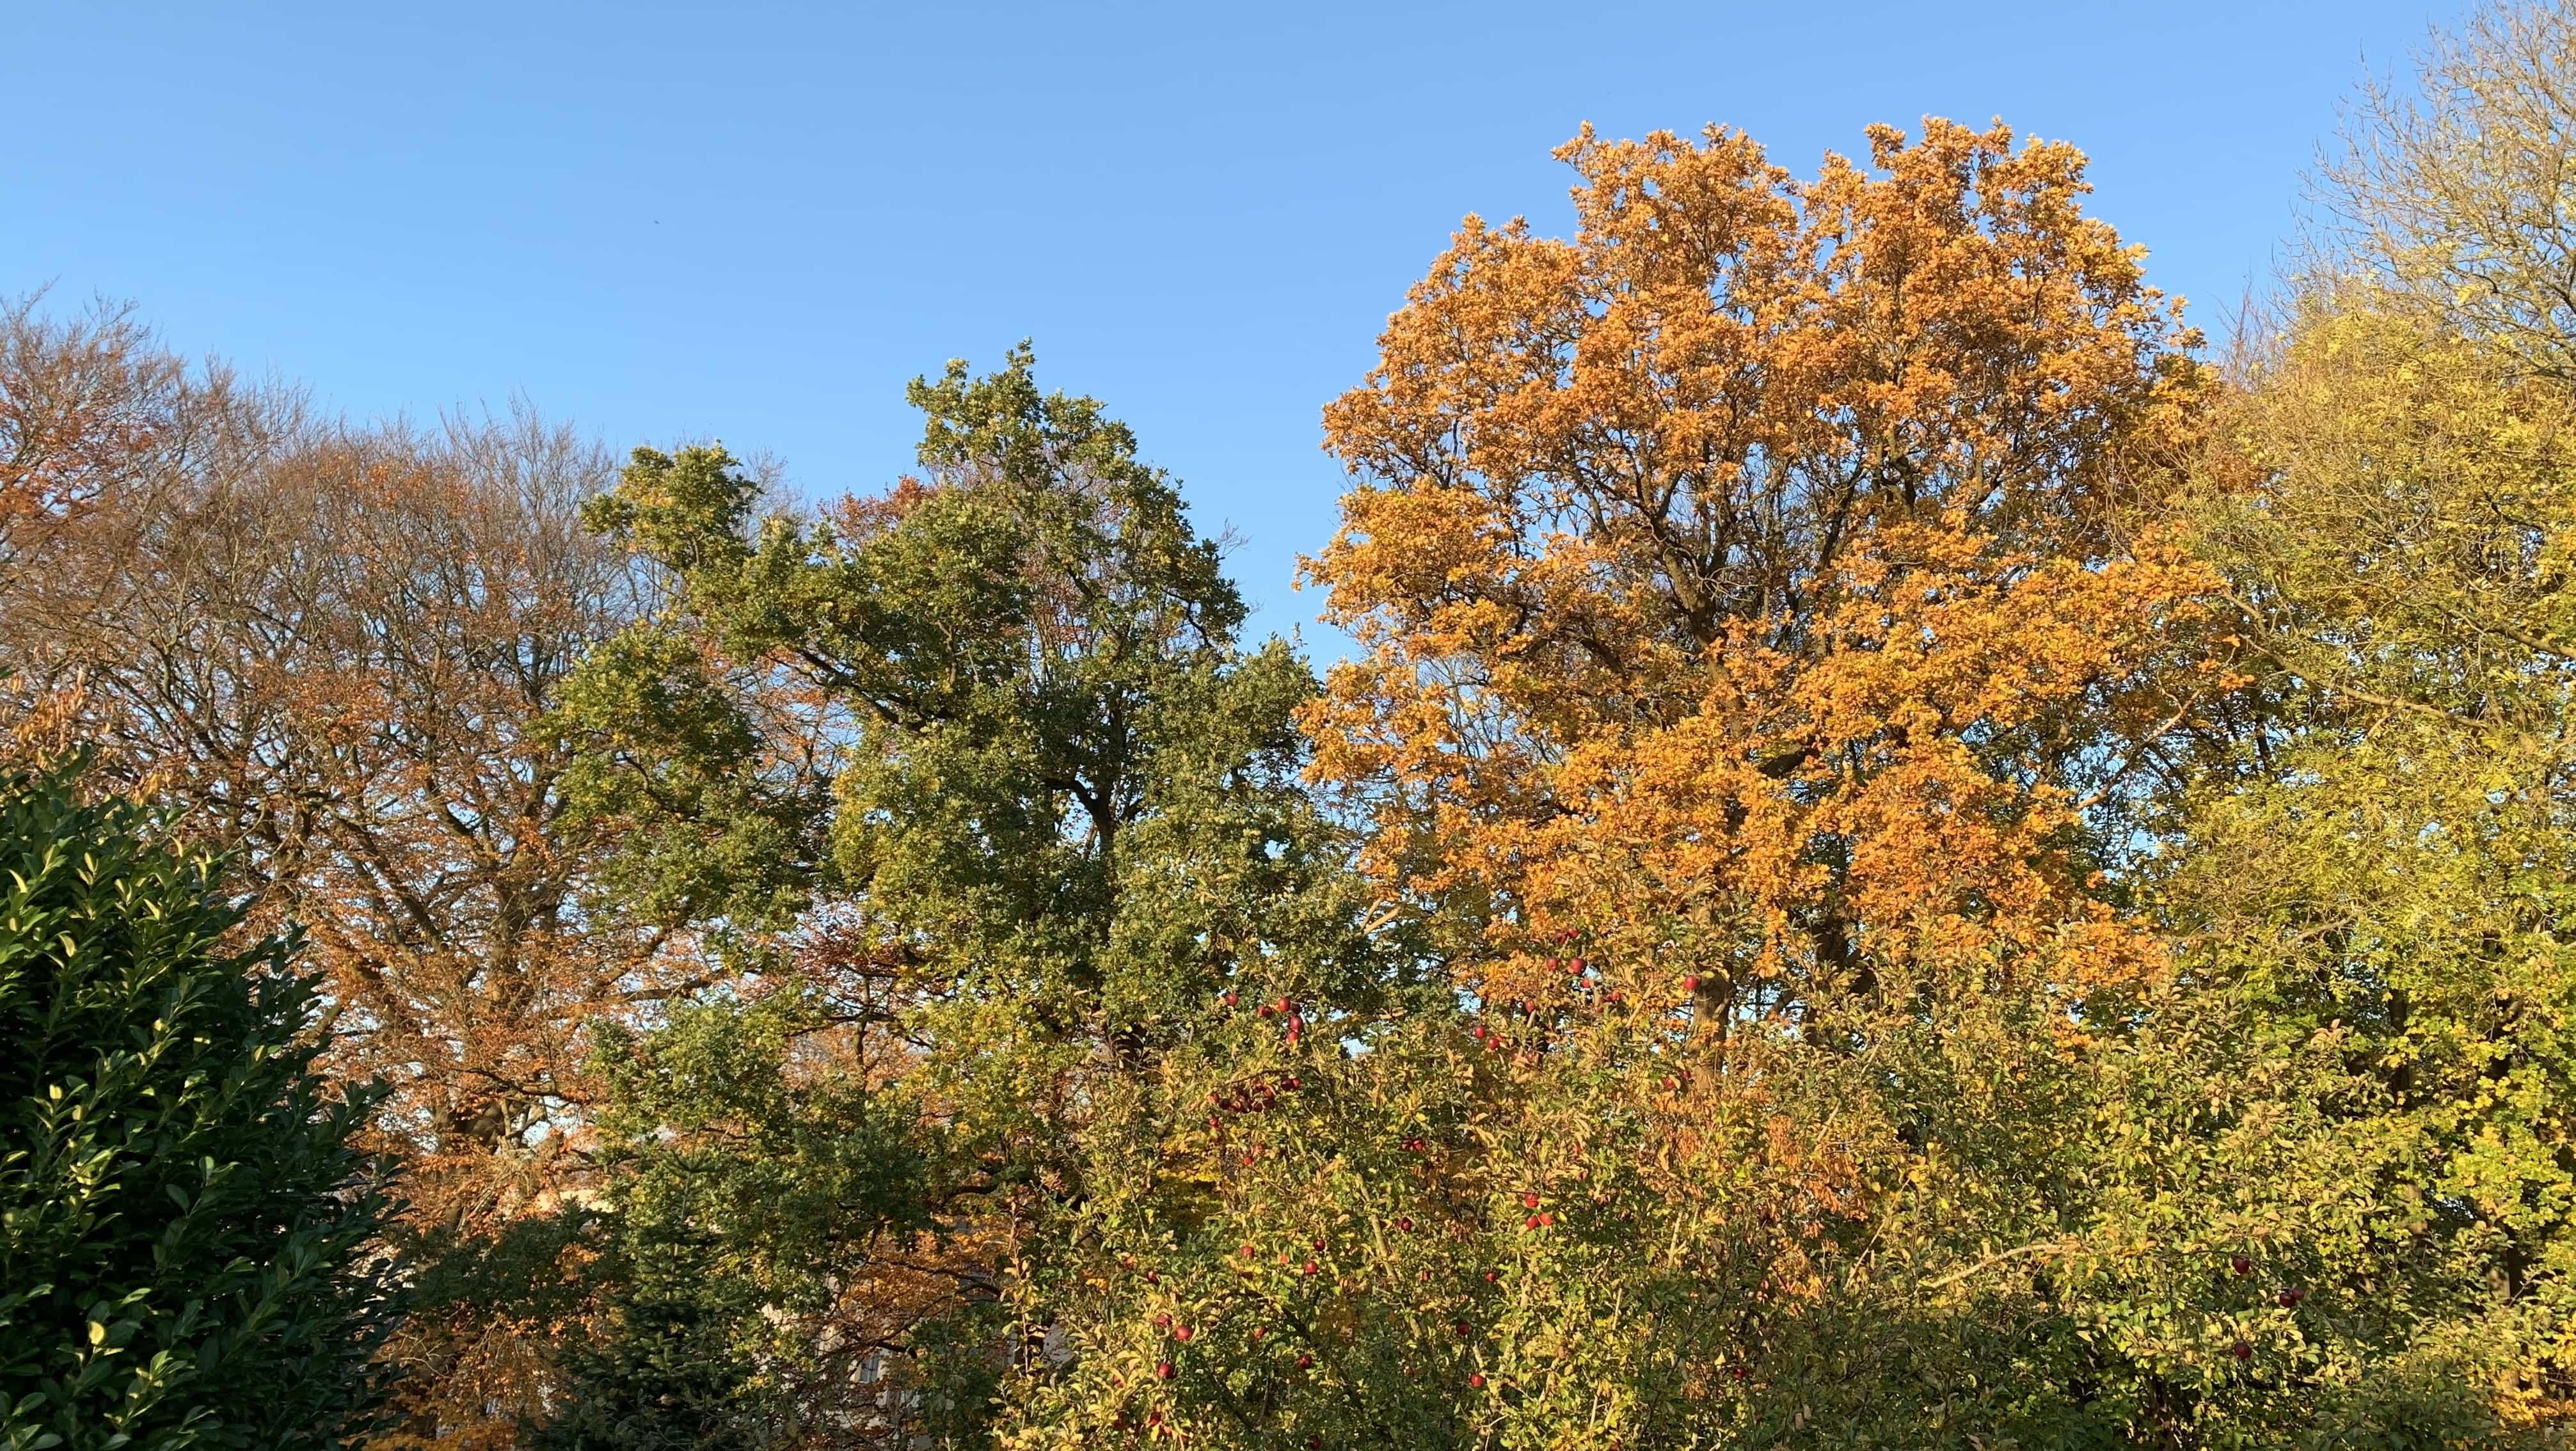 Deutschland im November: Die Blätter an den Bäumen färben sich bunt